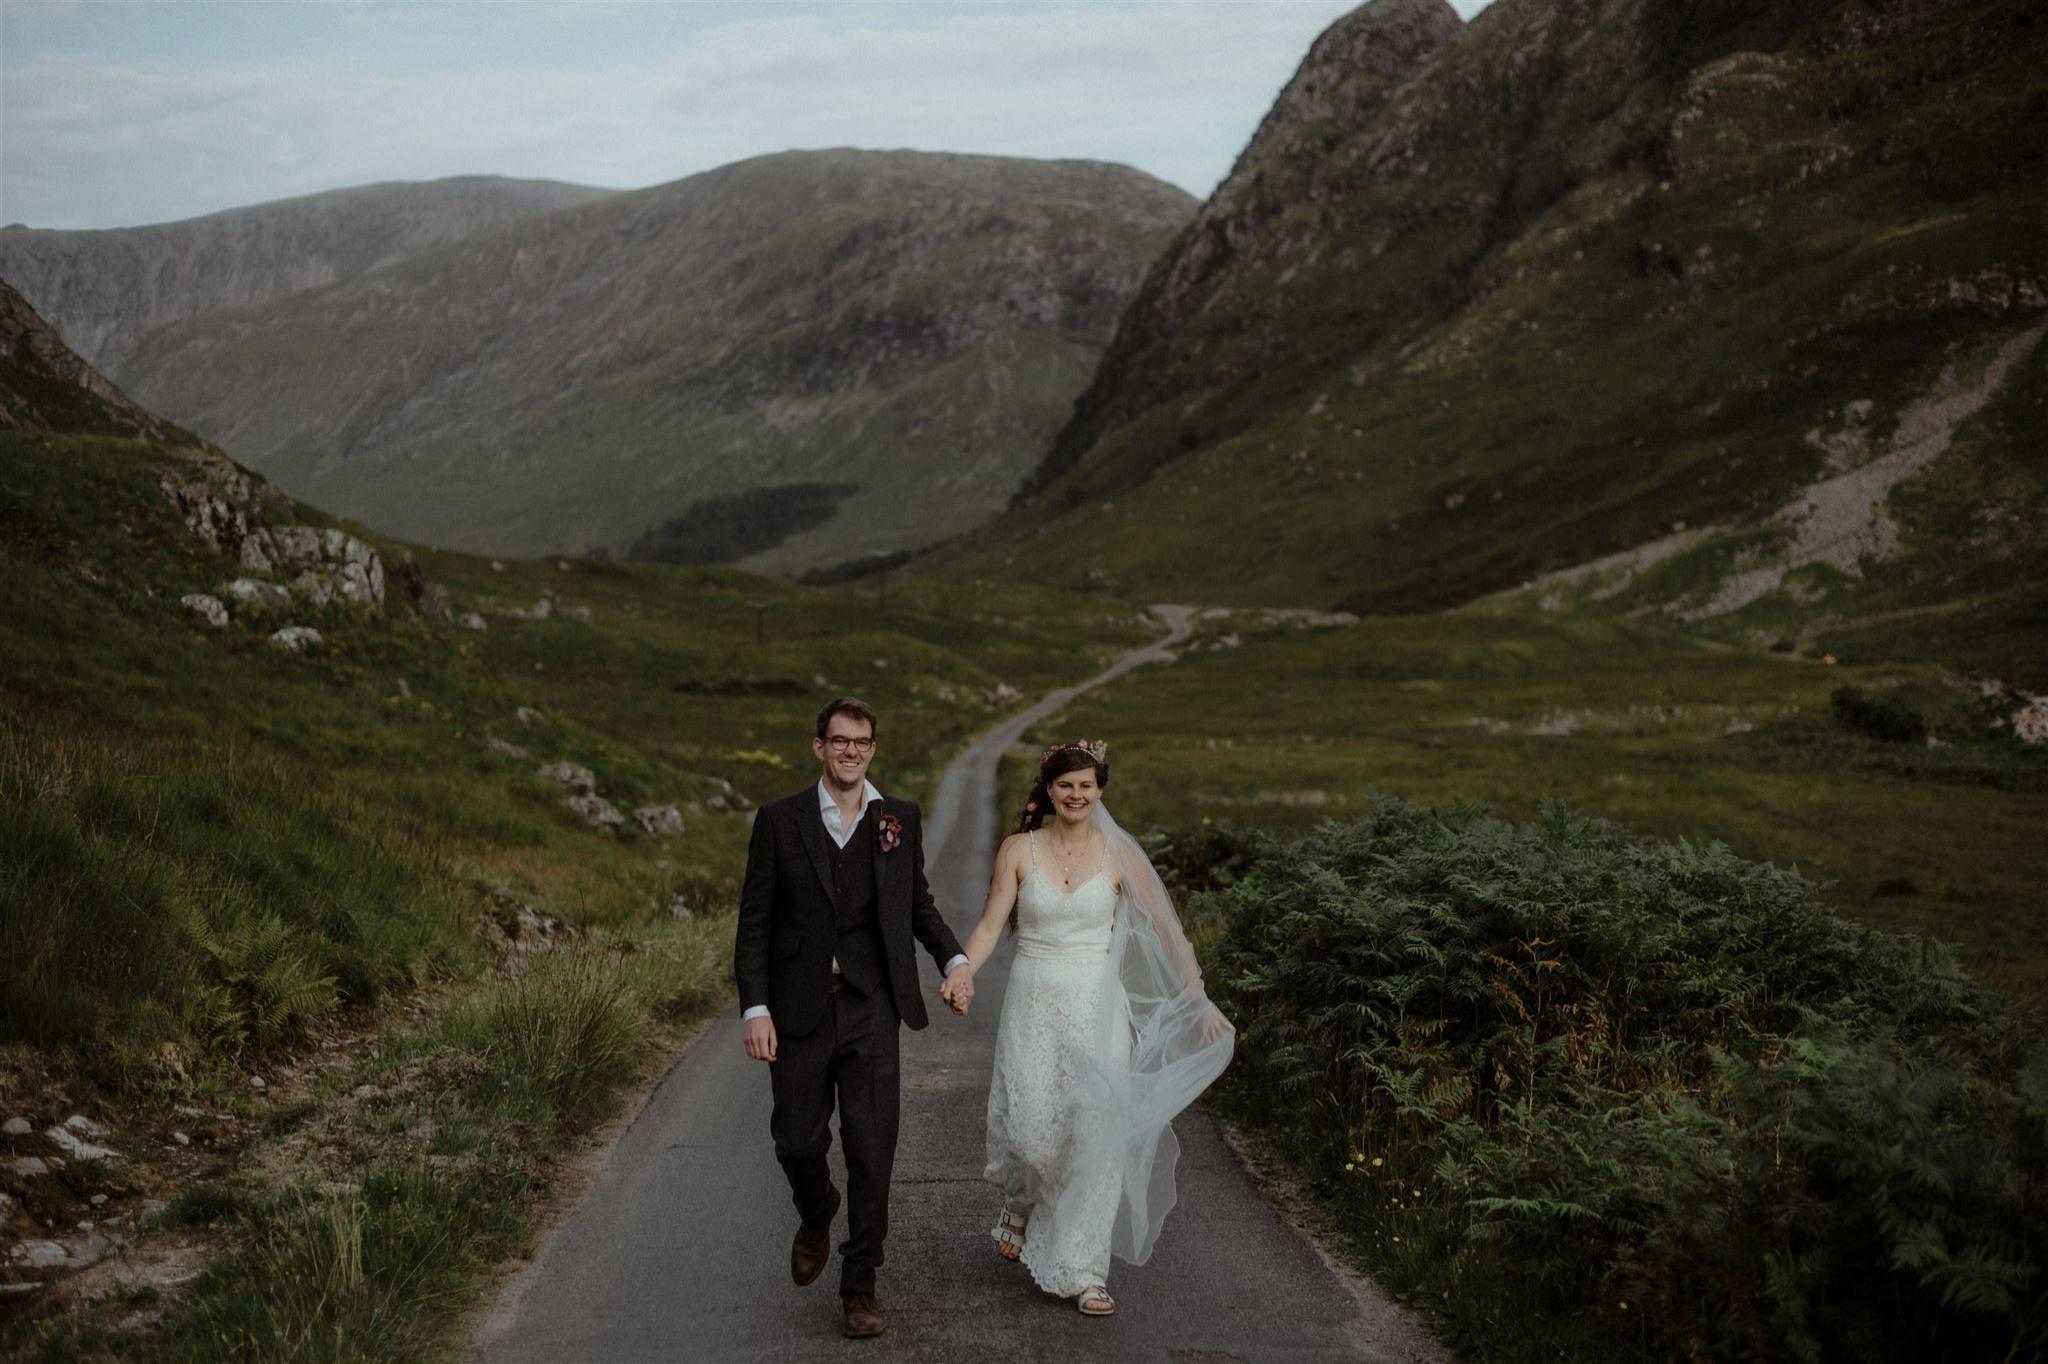 Elopement wedding couple walking down a road in Glen Etive Glencoe